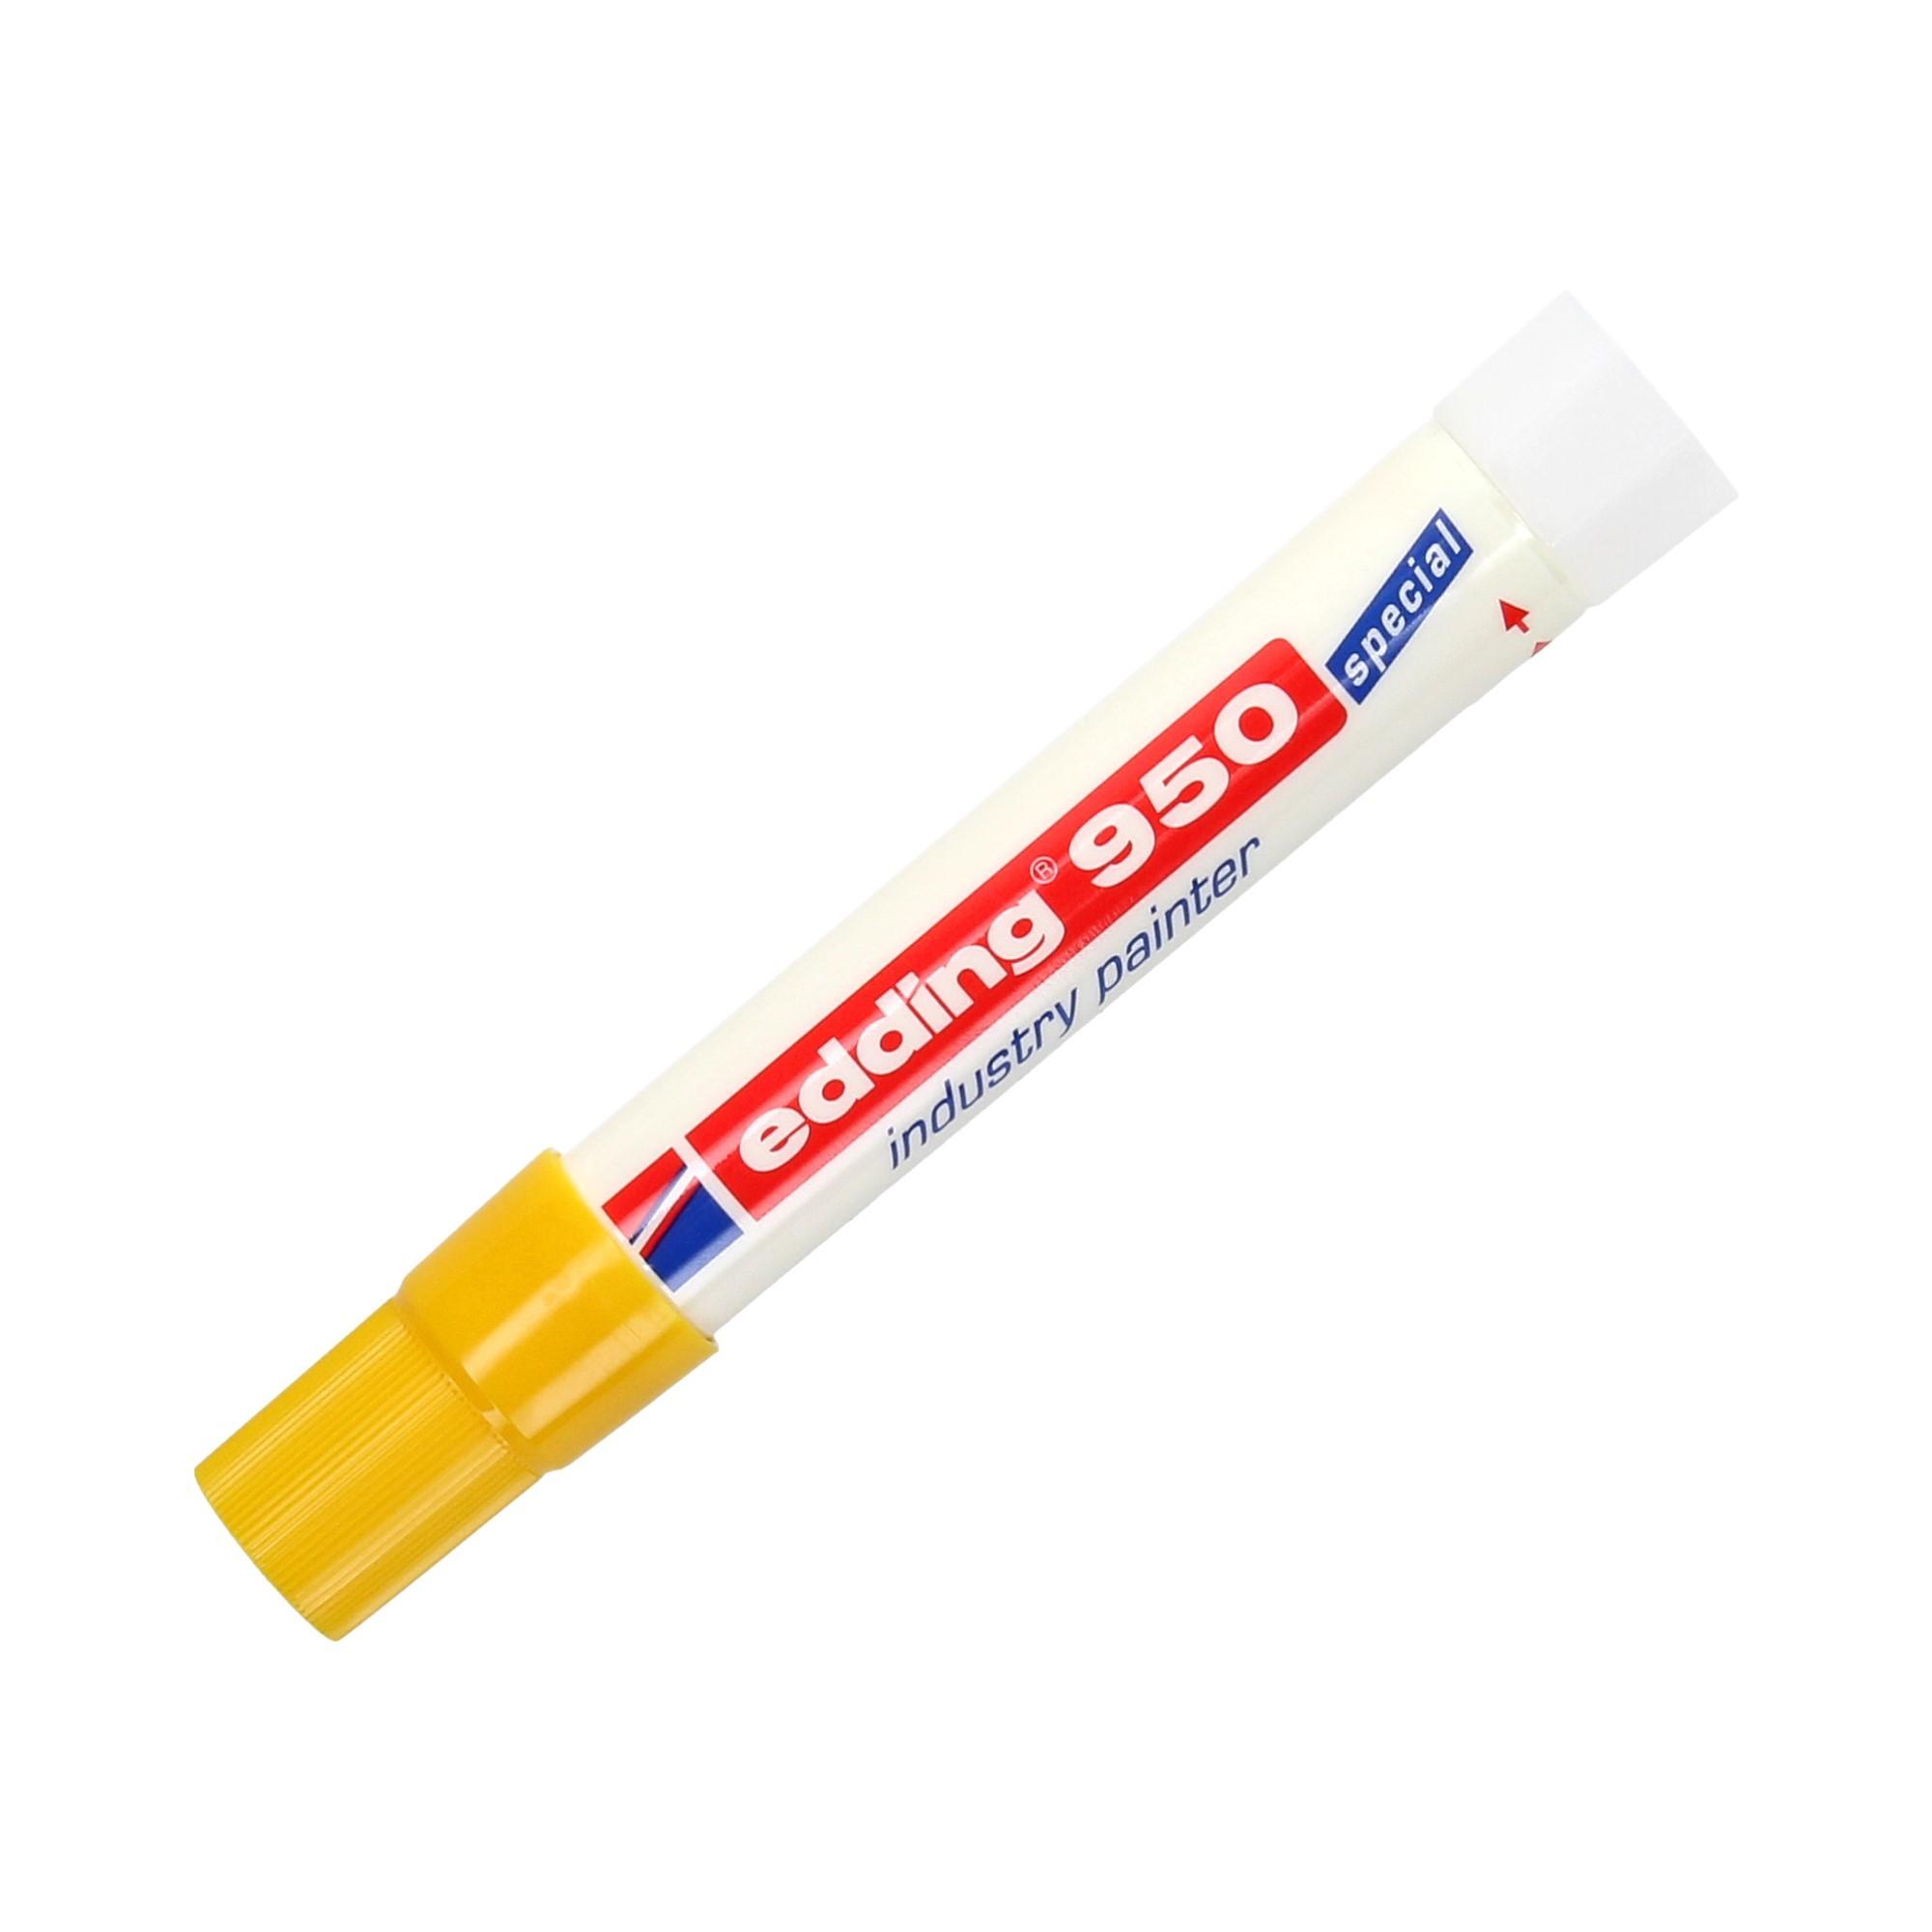 Marker przemysłowy 10.0mm żółty okrągły Edding 950